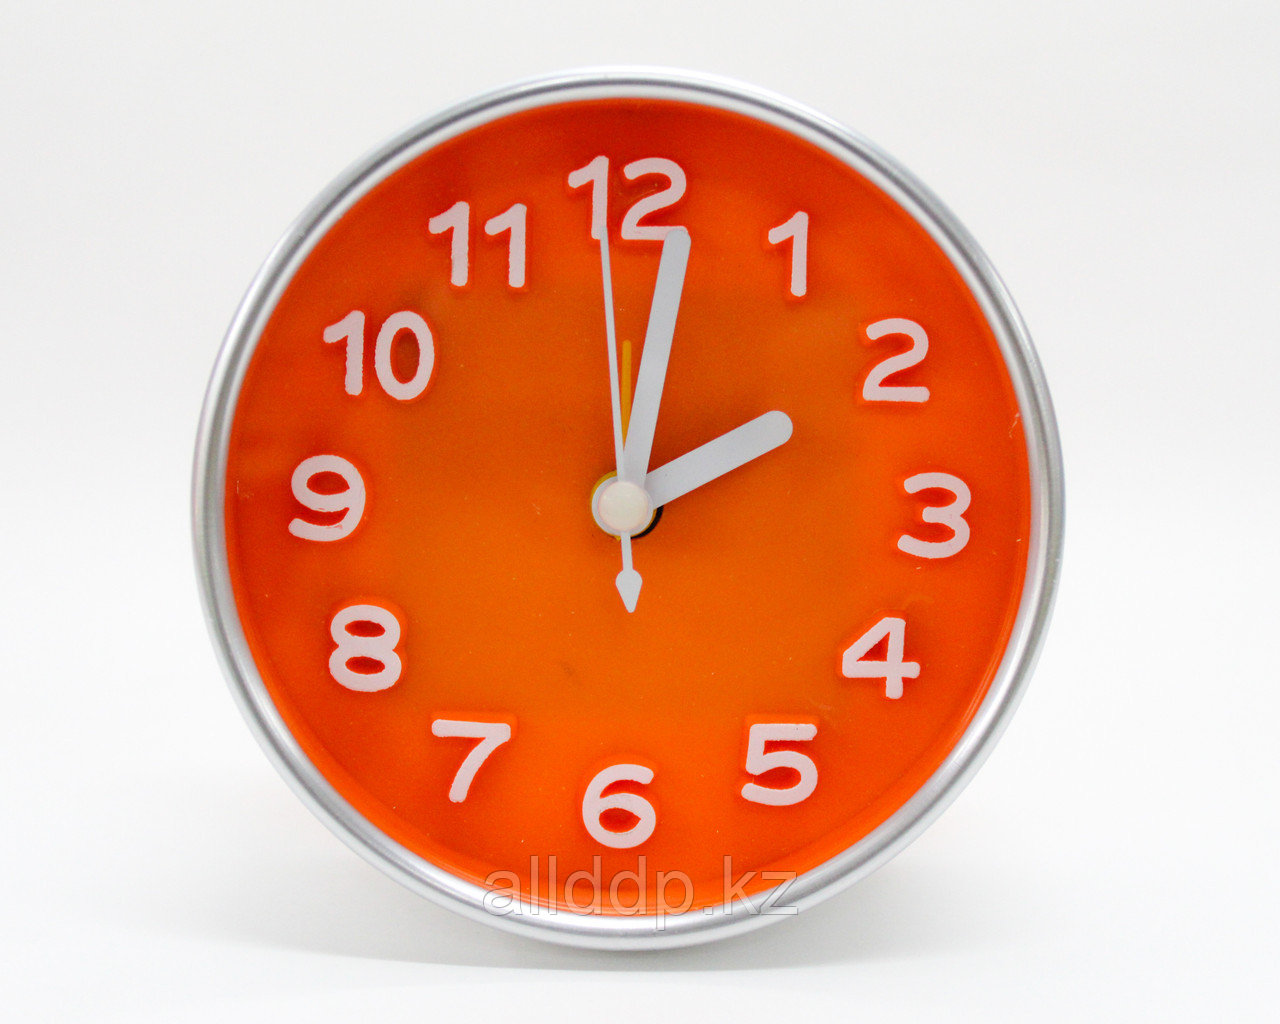 Часы-будильник круглые, оранжевые, 10 см